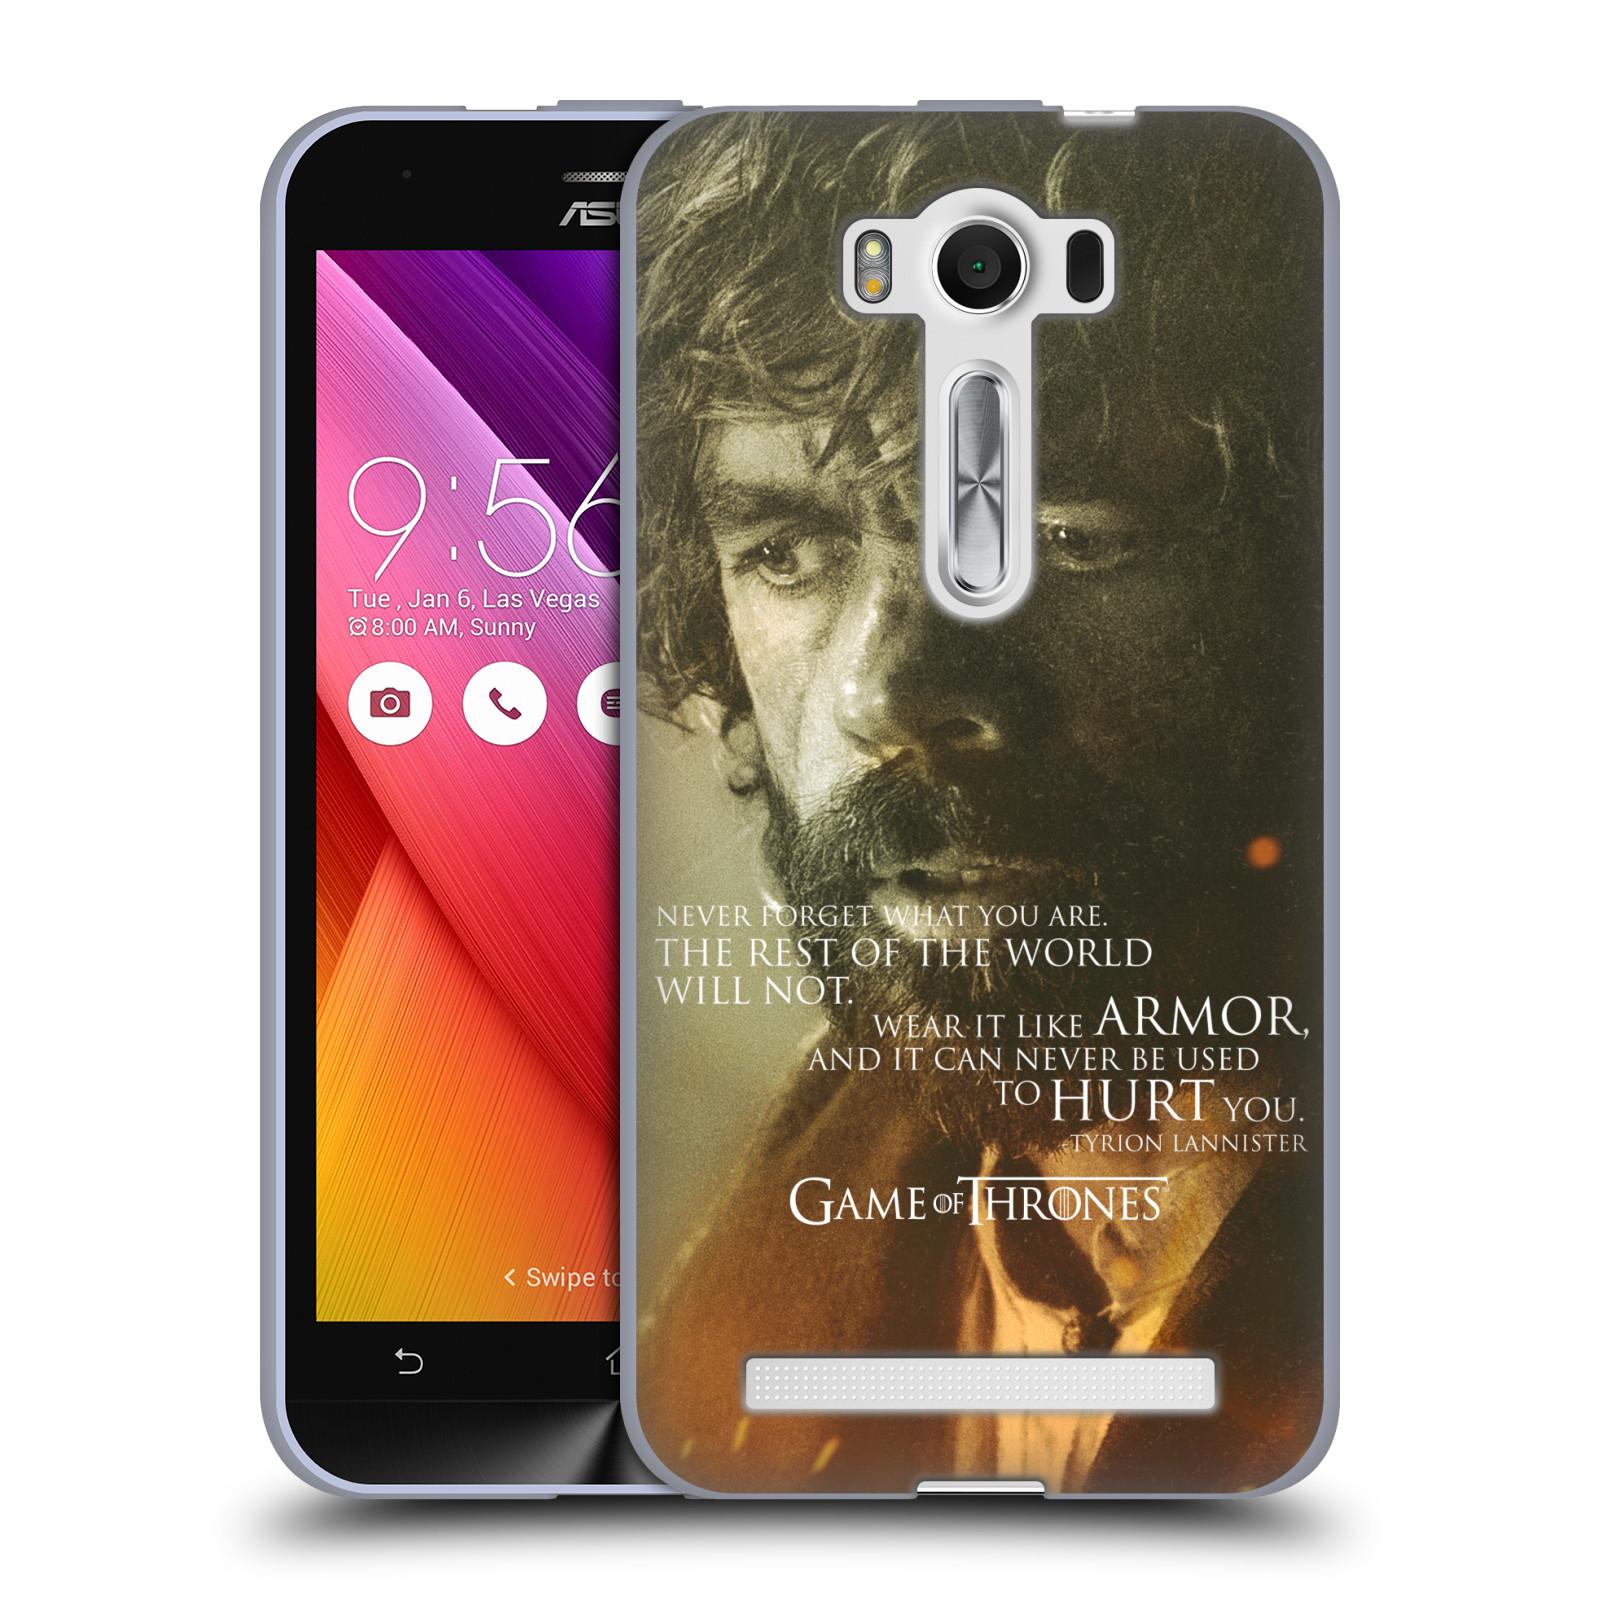 """Silikonové pouzdro na mobil Asus ZenFone 2 Laser ZE500KL HEAD CASE Hra o trůny - Tyrion Lannister (Silikonový kryt či obal na mobilní telefon s licencovaným motivem Hra o trůny - Game Of Thrones pro Asus ZenFone 2 Laser ZE500KL s 5"""" displejem)"""